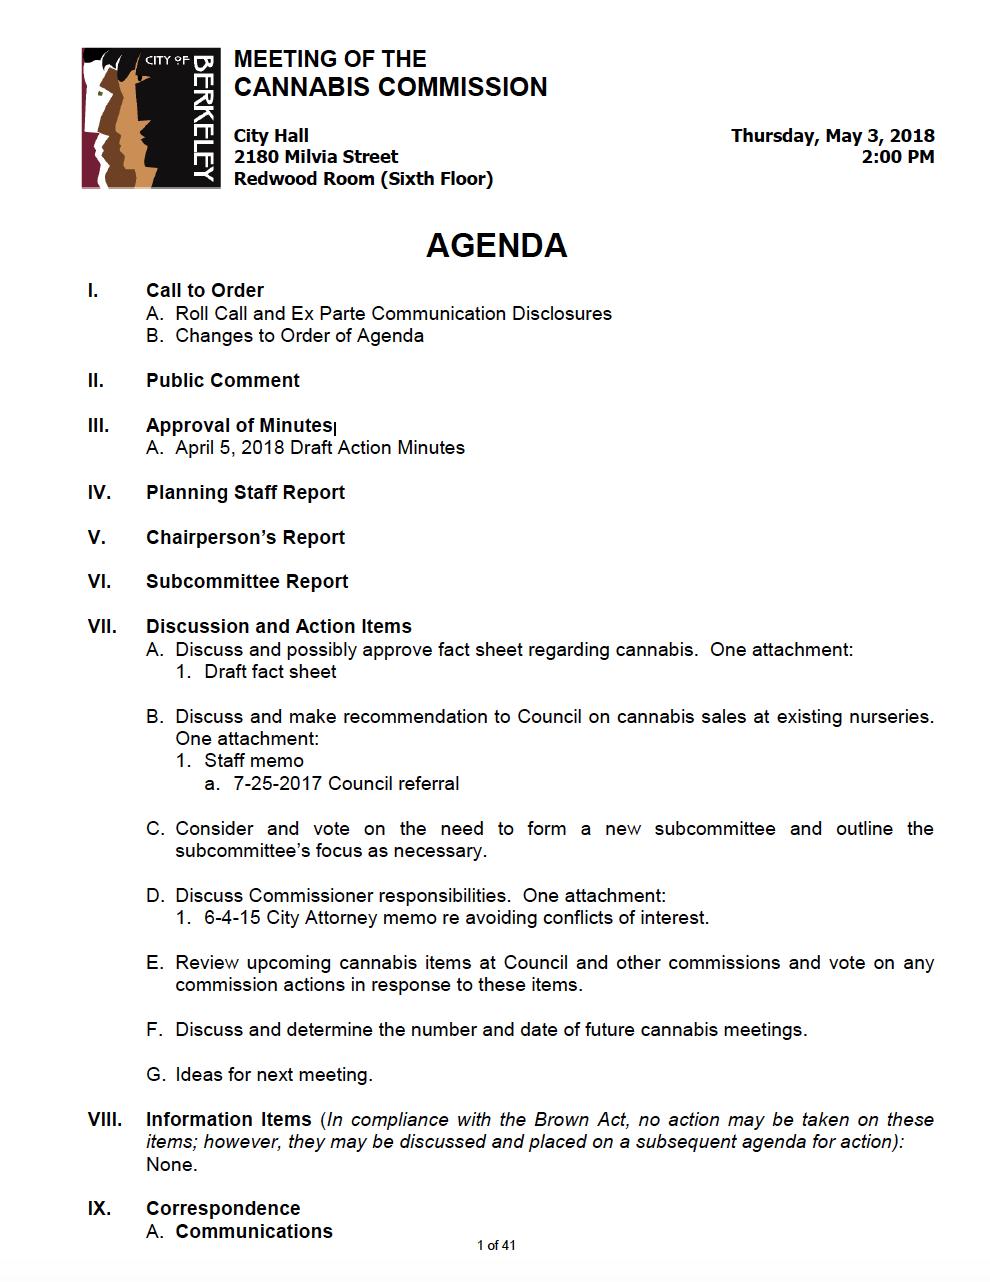 2018-05-03 Agenda.png